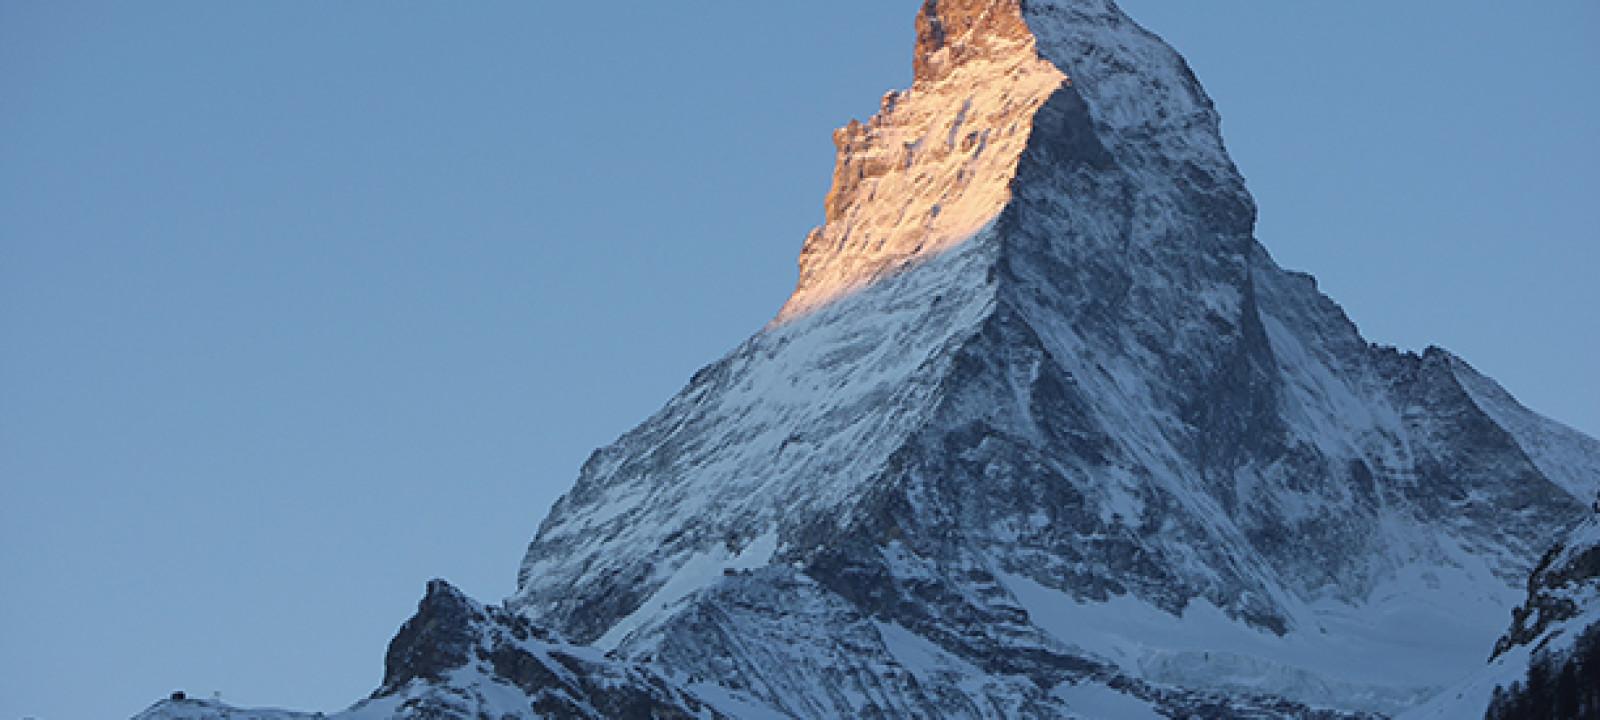 Sunrise At The Matterhorn